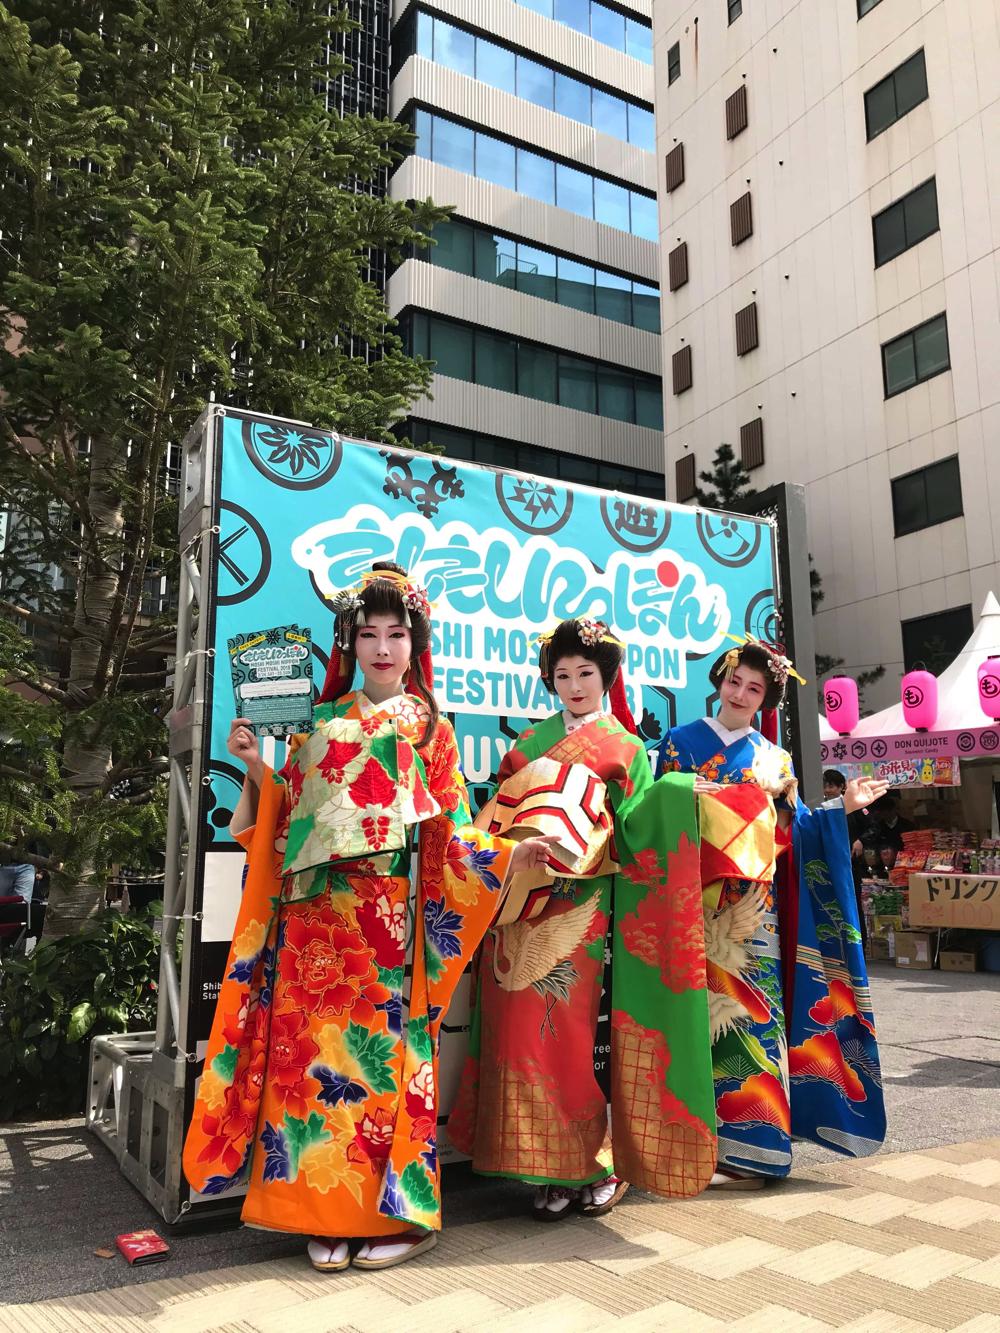 1萬6千人到場! MOSHI MOSHI NIPPON FESTIVAL 2018 in SHIBUYA圓滿落幕 MOSHI FES、MOSHI MOSHI NIPPON、在原宿、在澀谷、